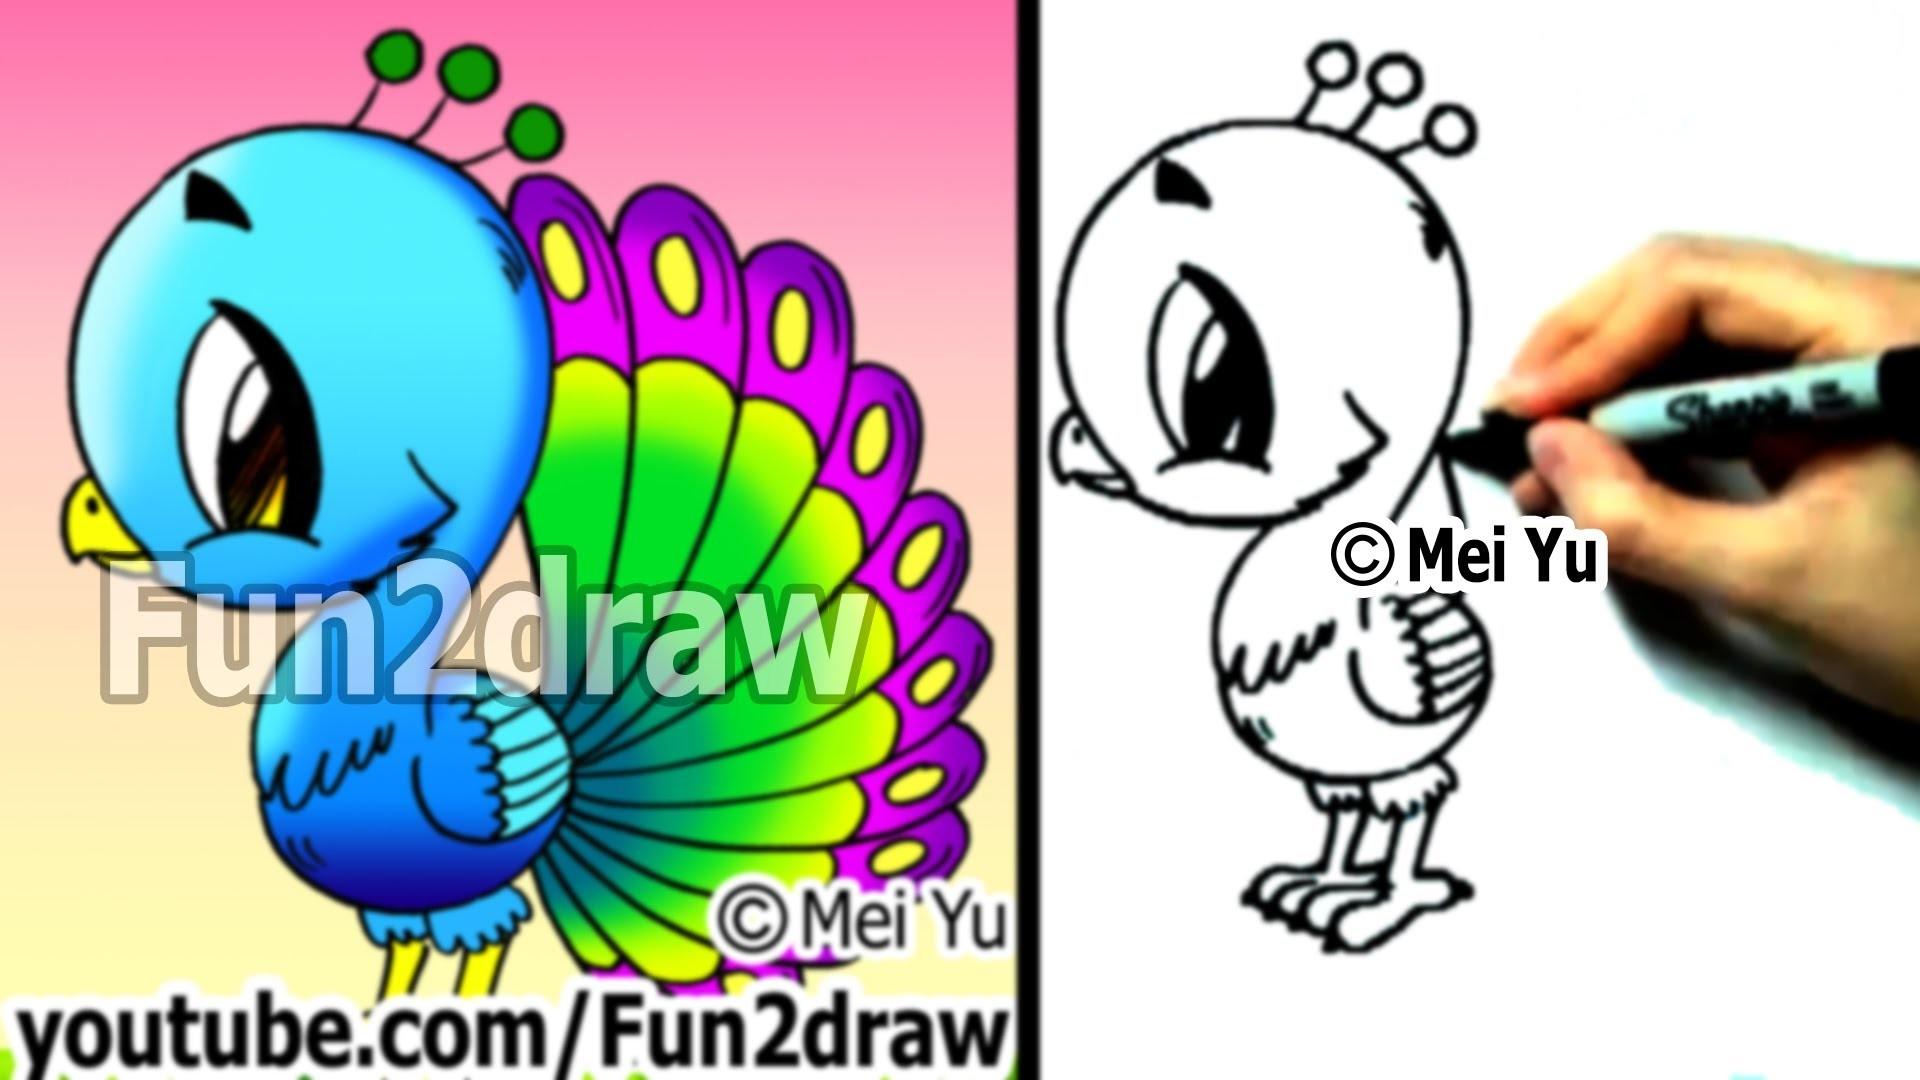 Drawn husky mei Animals Fun2draw Draw Art Draw